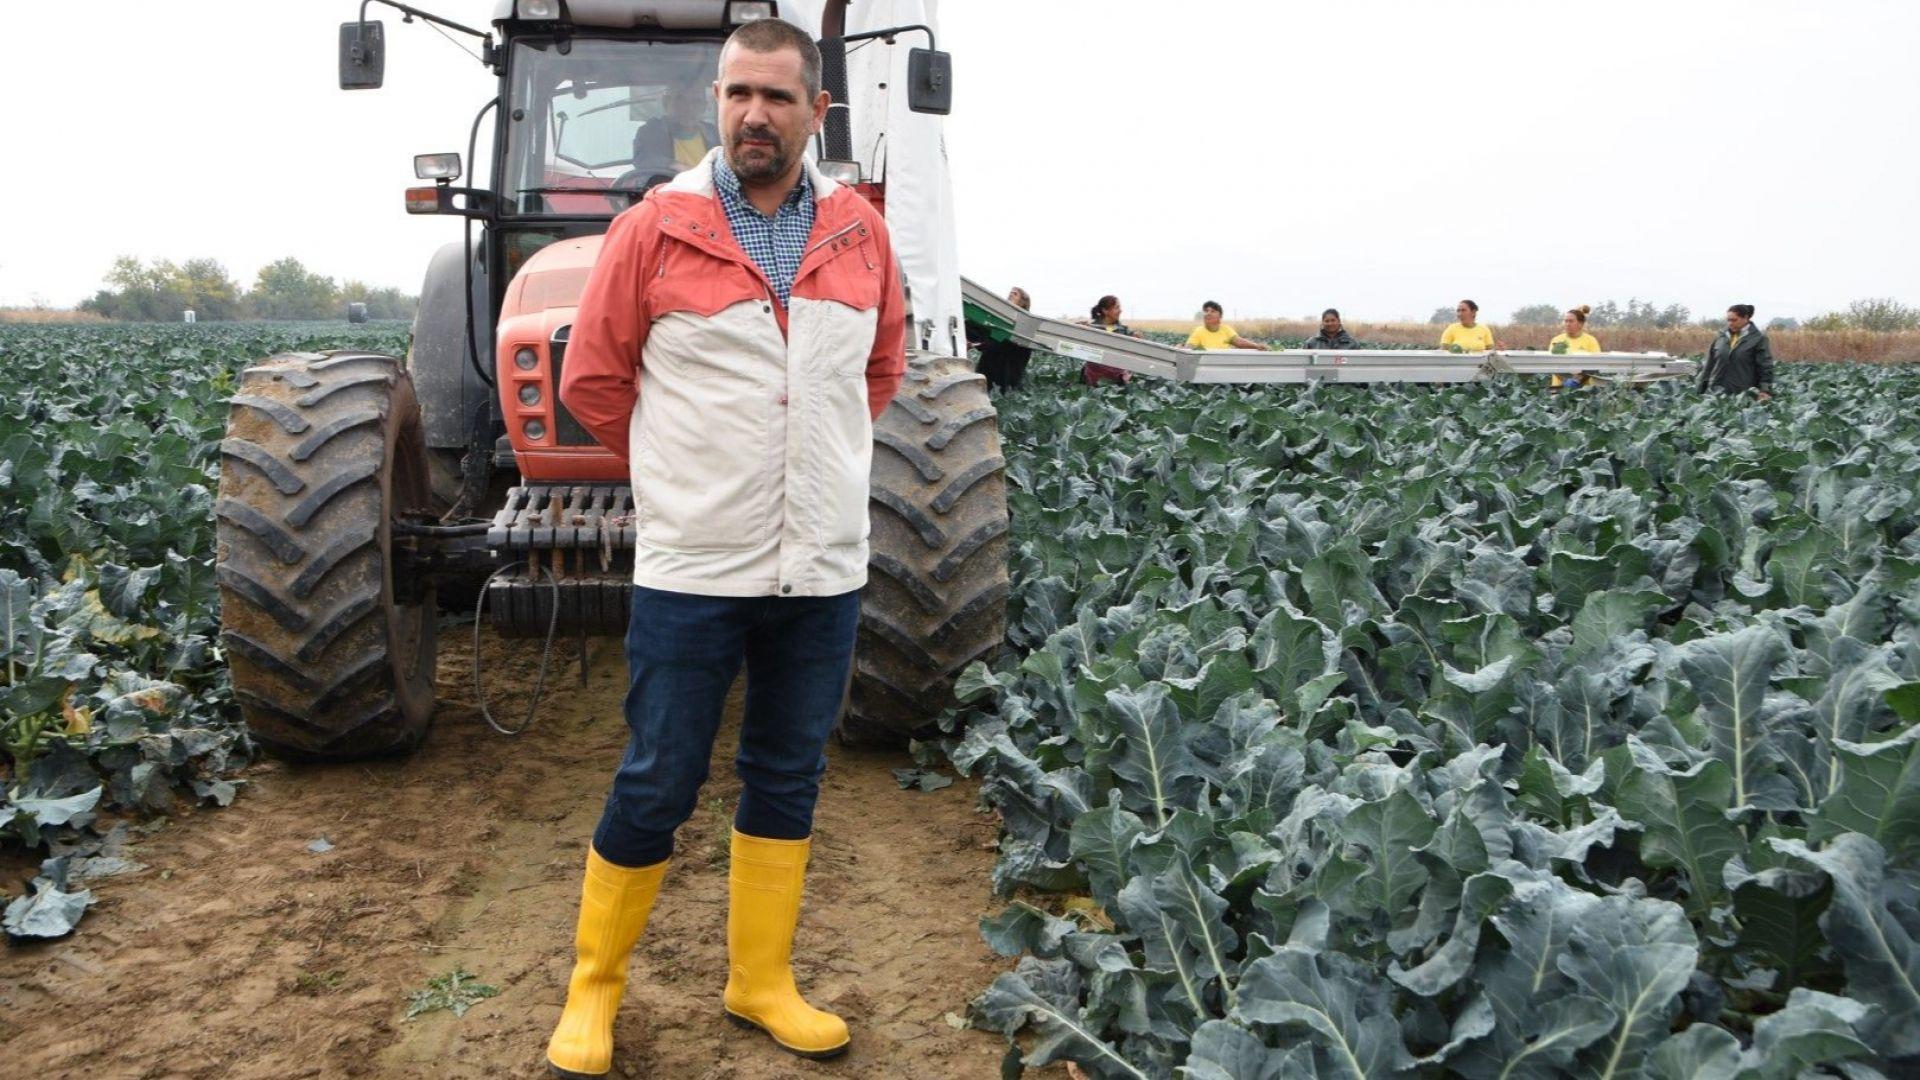 Ивайло Малджански, малък земеделски производител от района на Пловдив